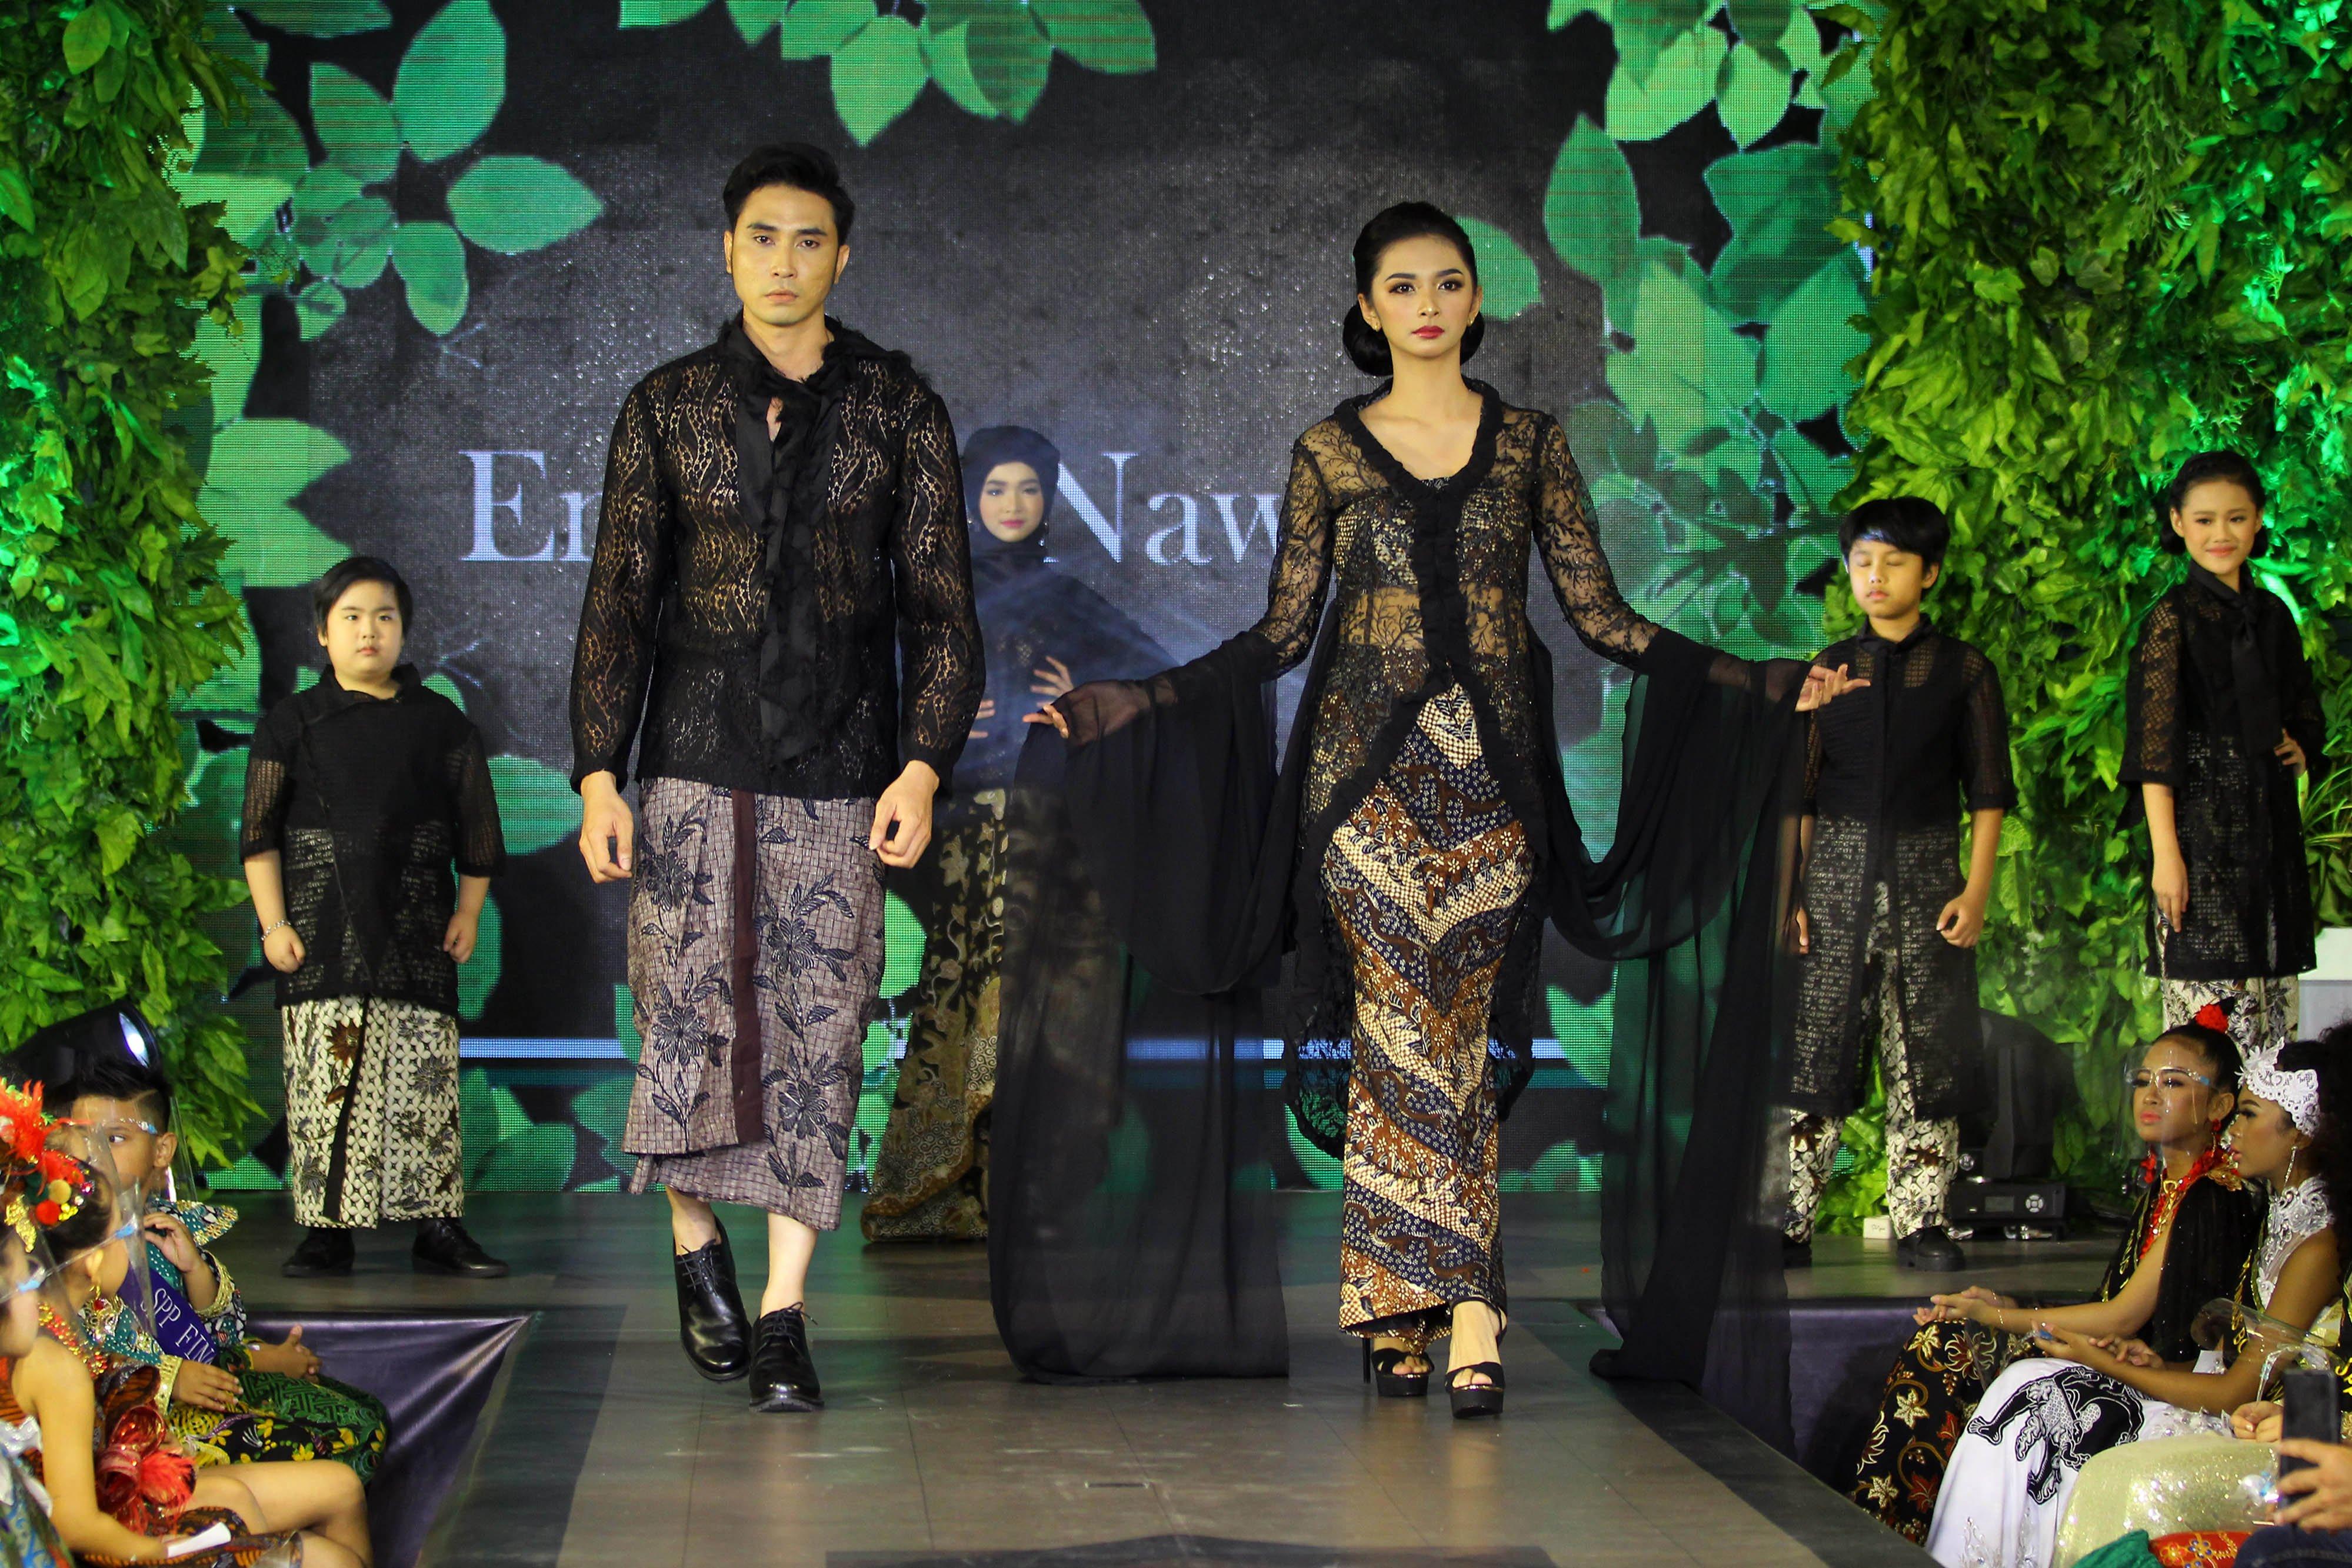 Model memeragakan busana rancangan Embran Nawawi saat Parade Designer Show bertajuk Mystical Elegance di Surabaya, Jawa Timur, Minggu (11/10/2020). Peragaan busana yang diikuti delapan desainer tersebut bertujuan untuk mengangkat potensi dan kreasi dari khazanah batik-batik di Jawa Timur. ANTARA FOTO/Moch Asim/aww.